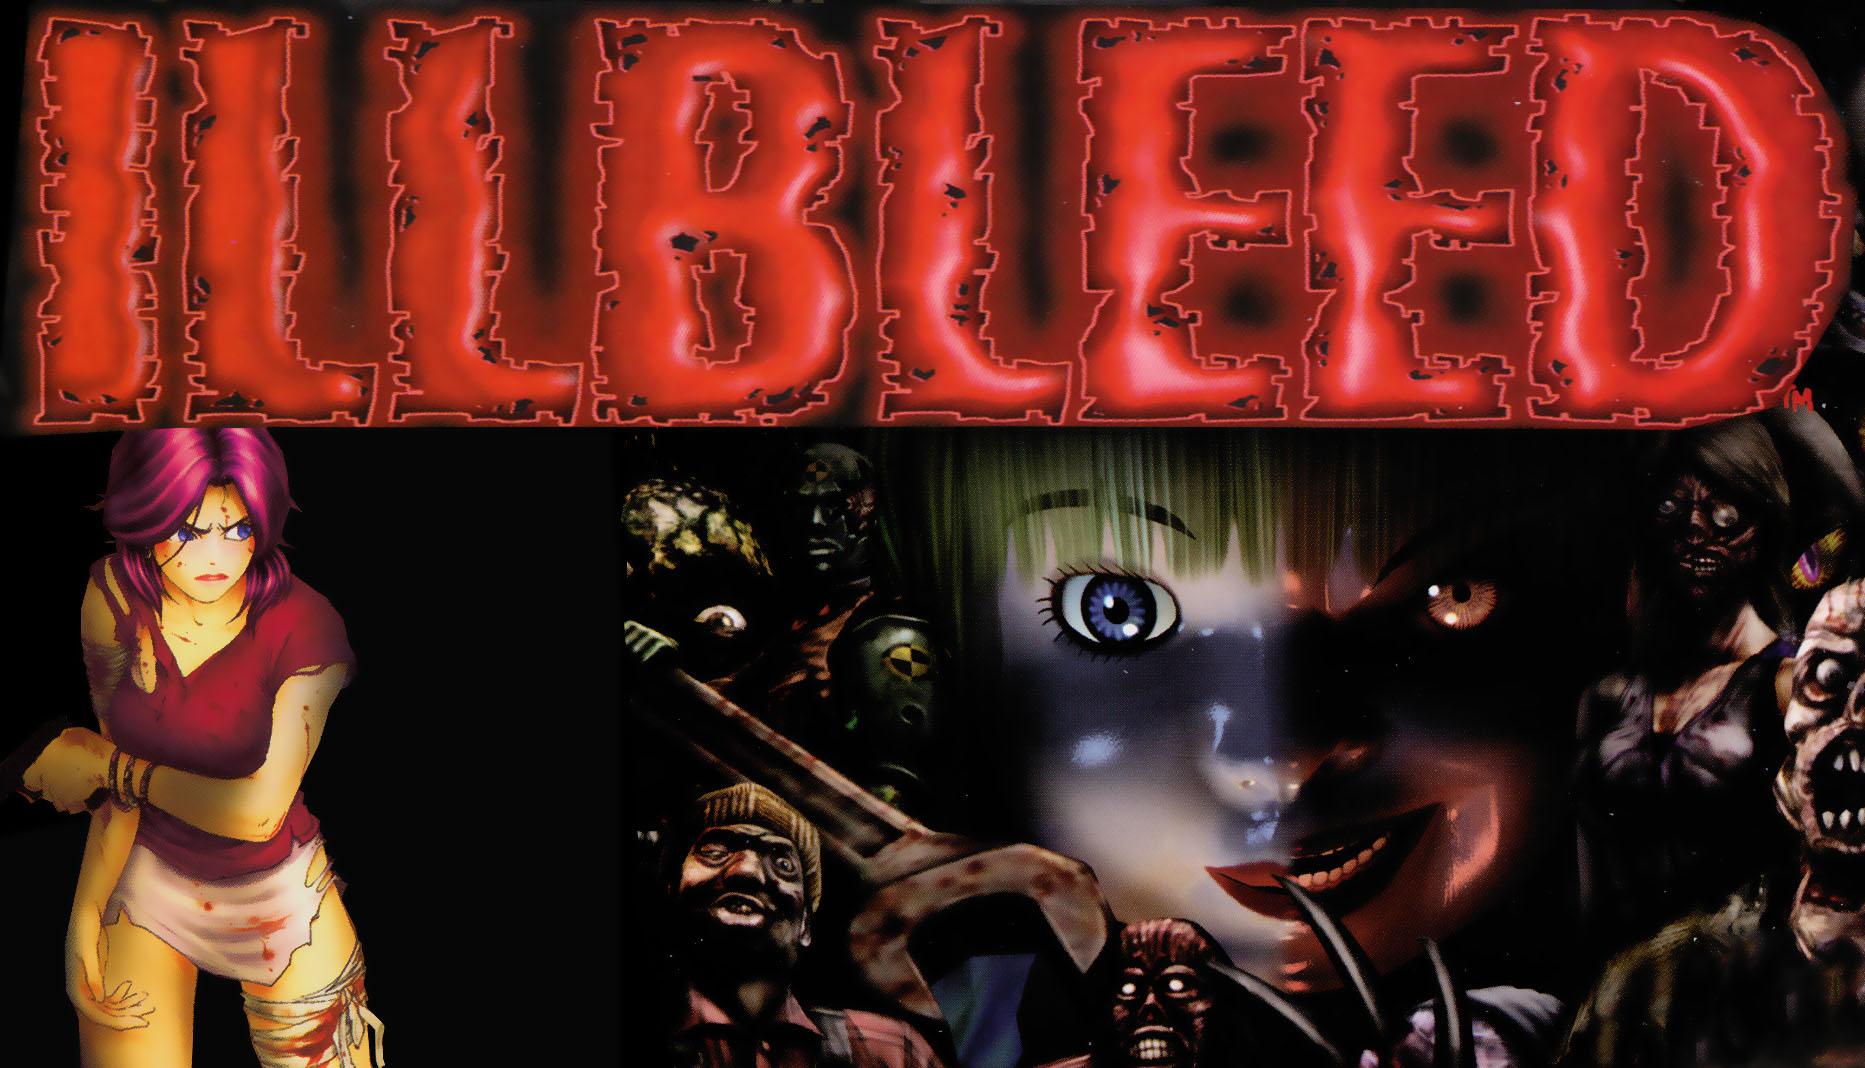 [Игровое эхо] 16 апреля 2001 года - выход Illbleed для SEGA Dreamcast